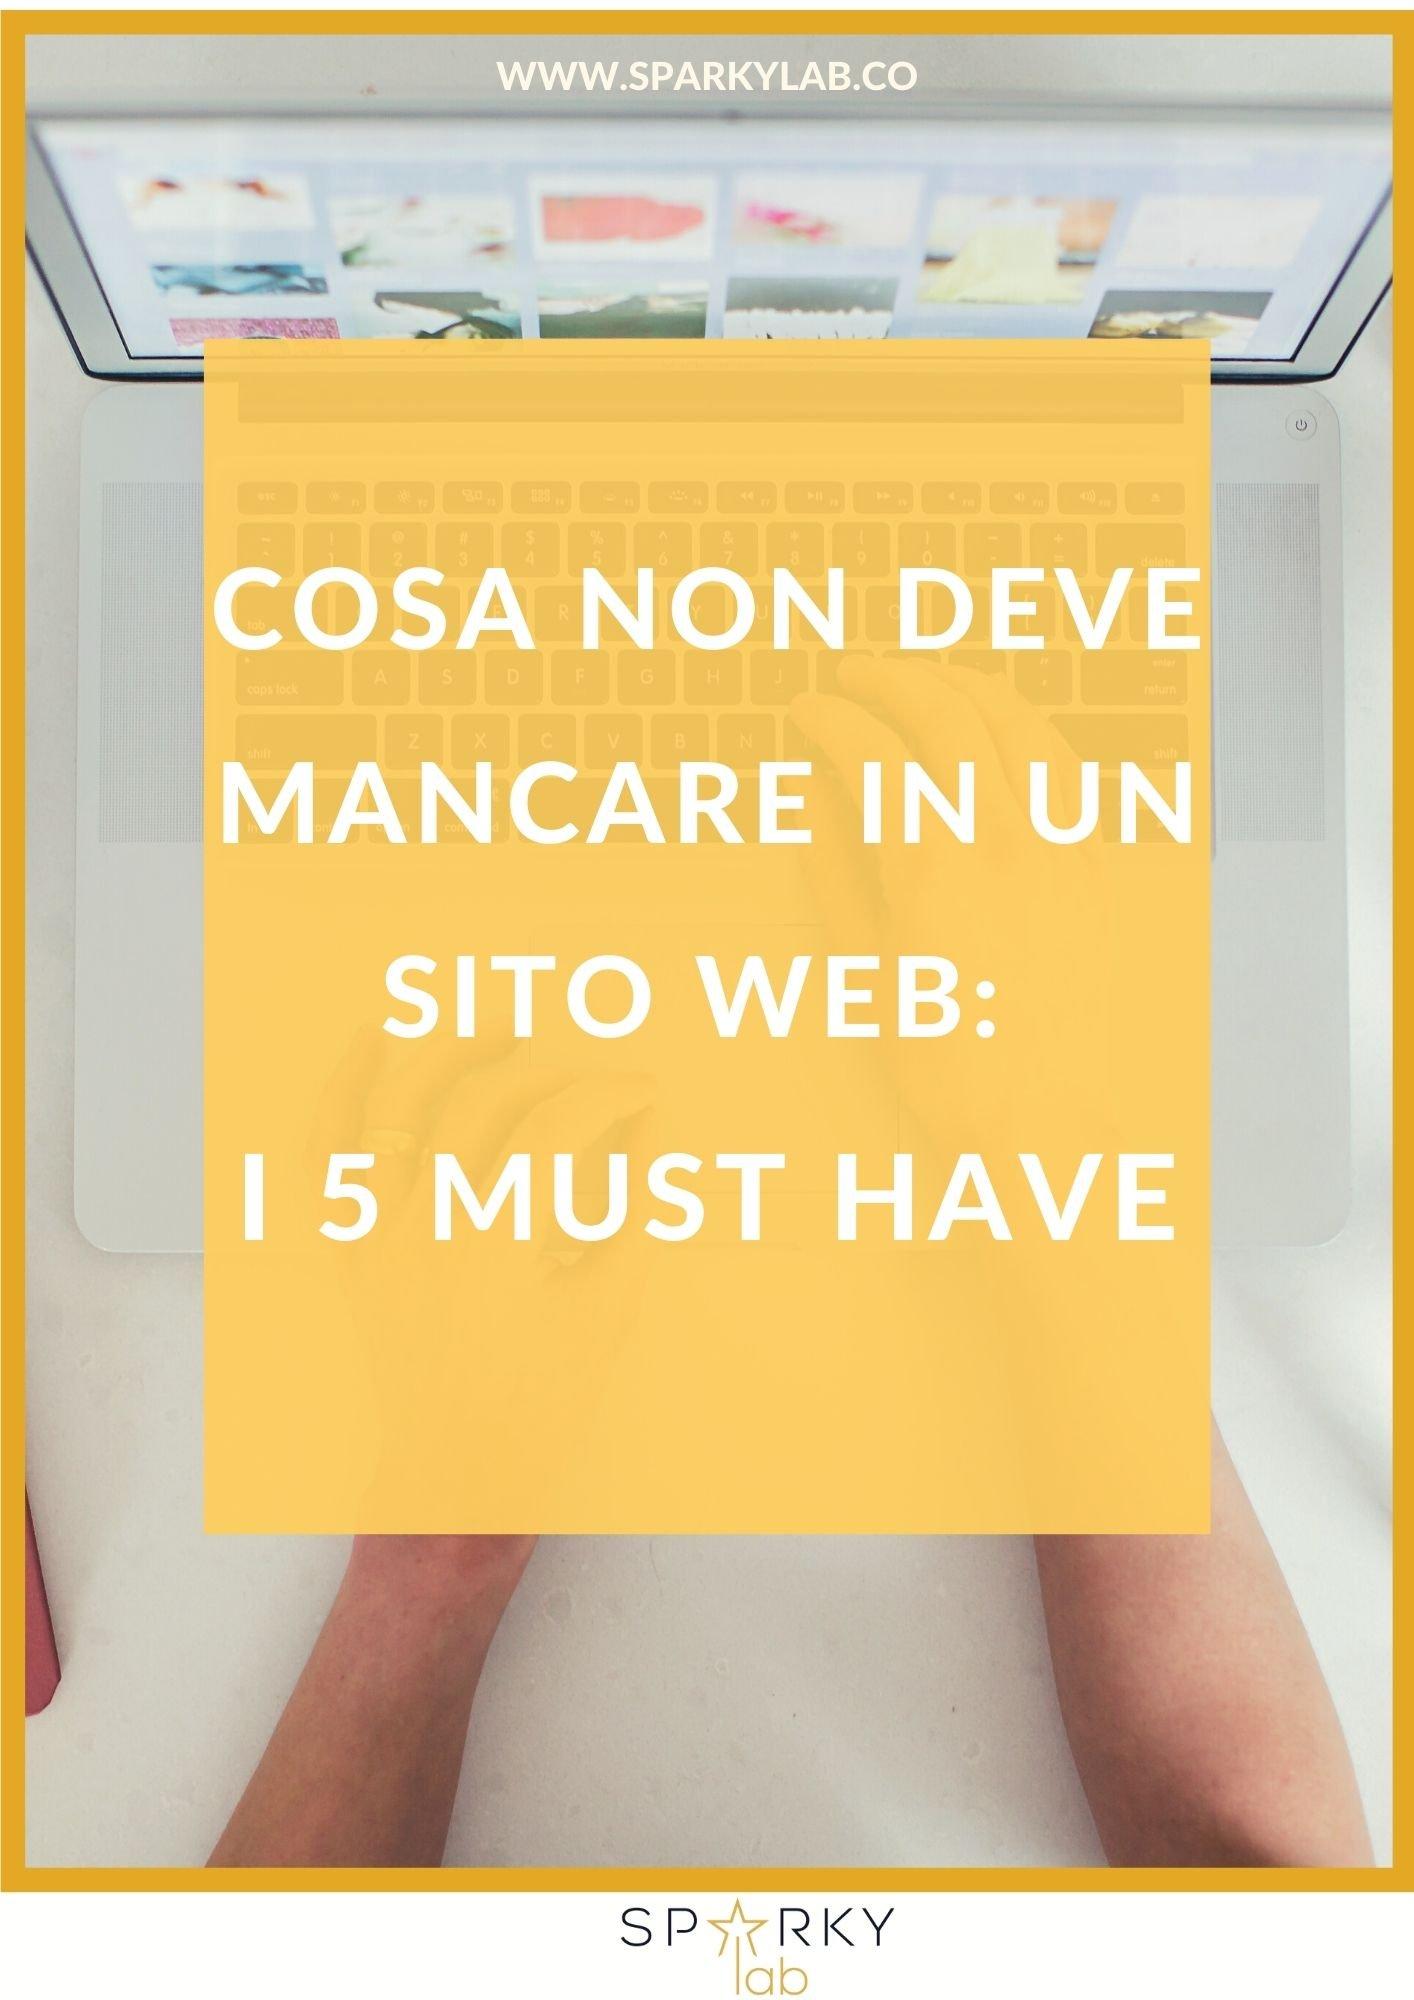 computer aperto e la scritta Cosa non deve mancare in un sito web: i 5 must have